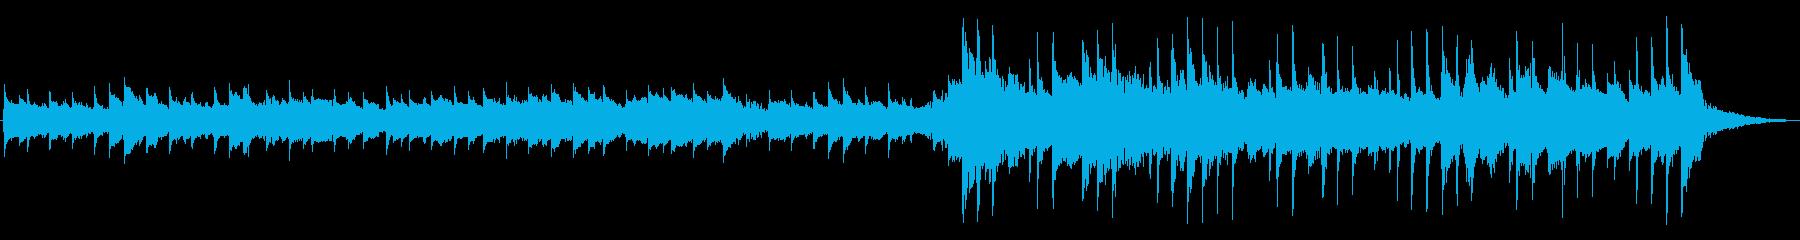 ギターのハーモニクス、パッド、スト...の再生済みの波形